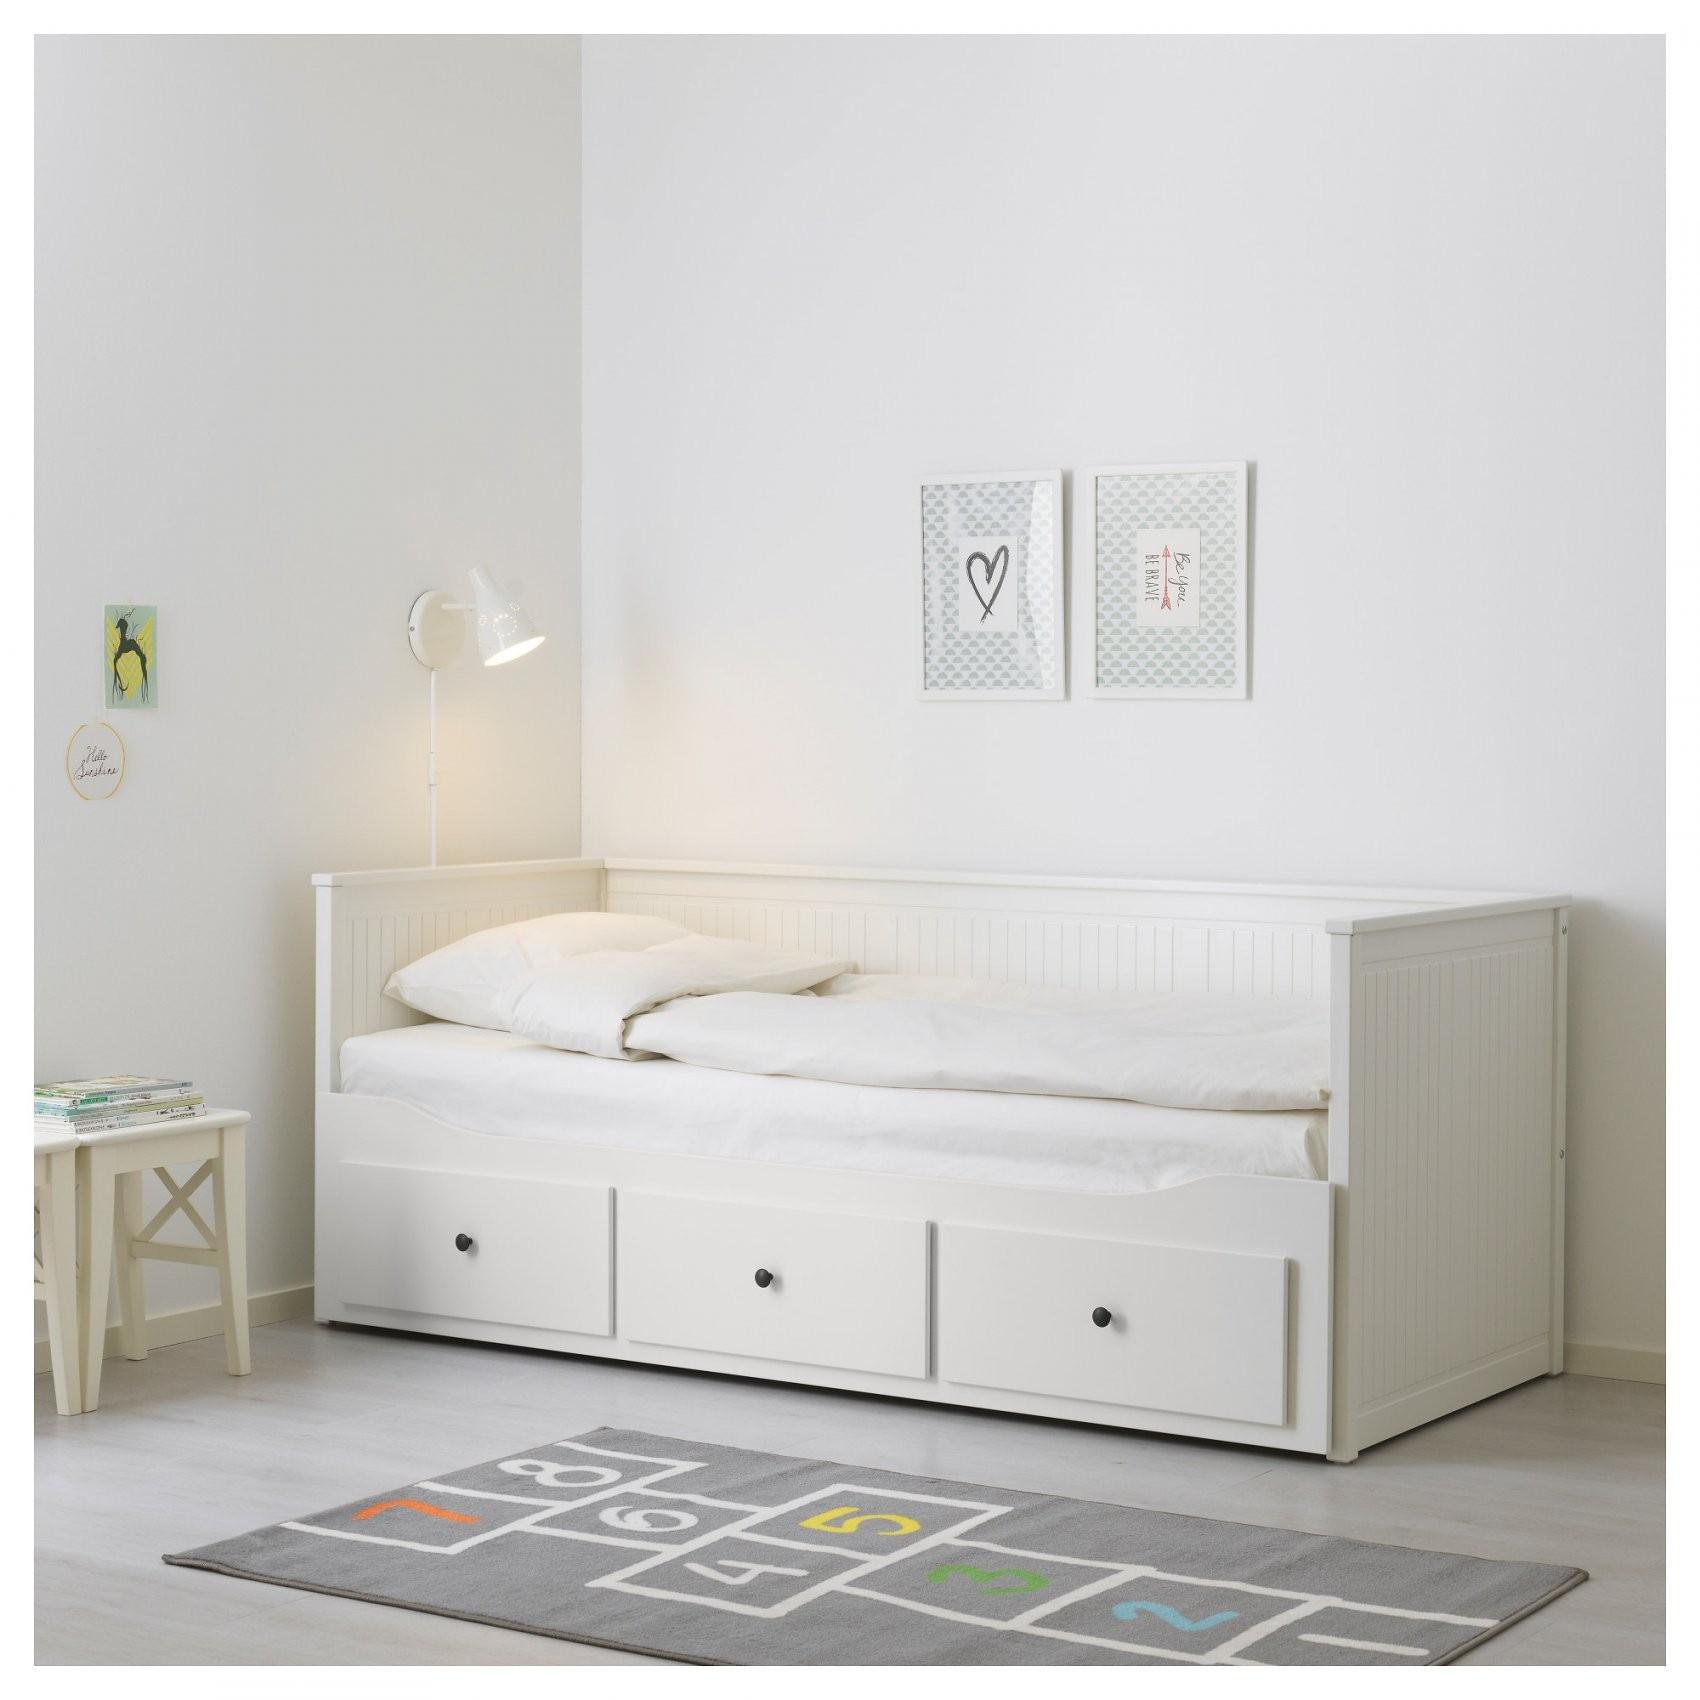 Hemnes Bedbank Met 3 Lades  Ikea von Ikea Hemnes Bett 160X200 Bild